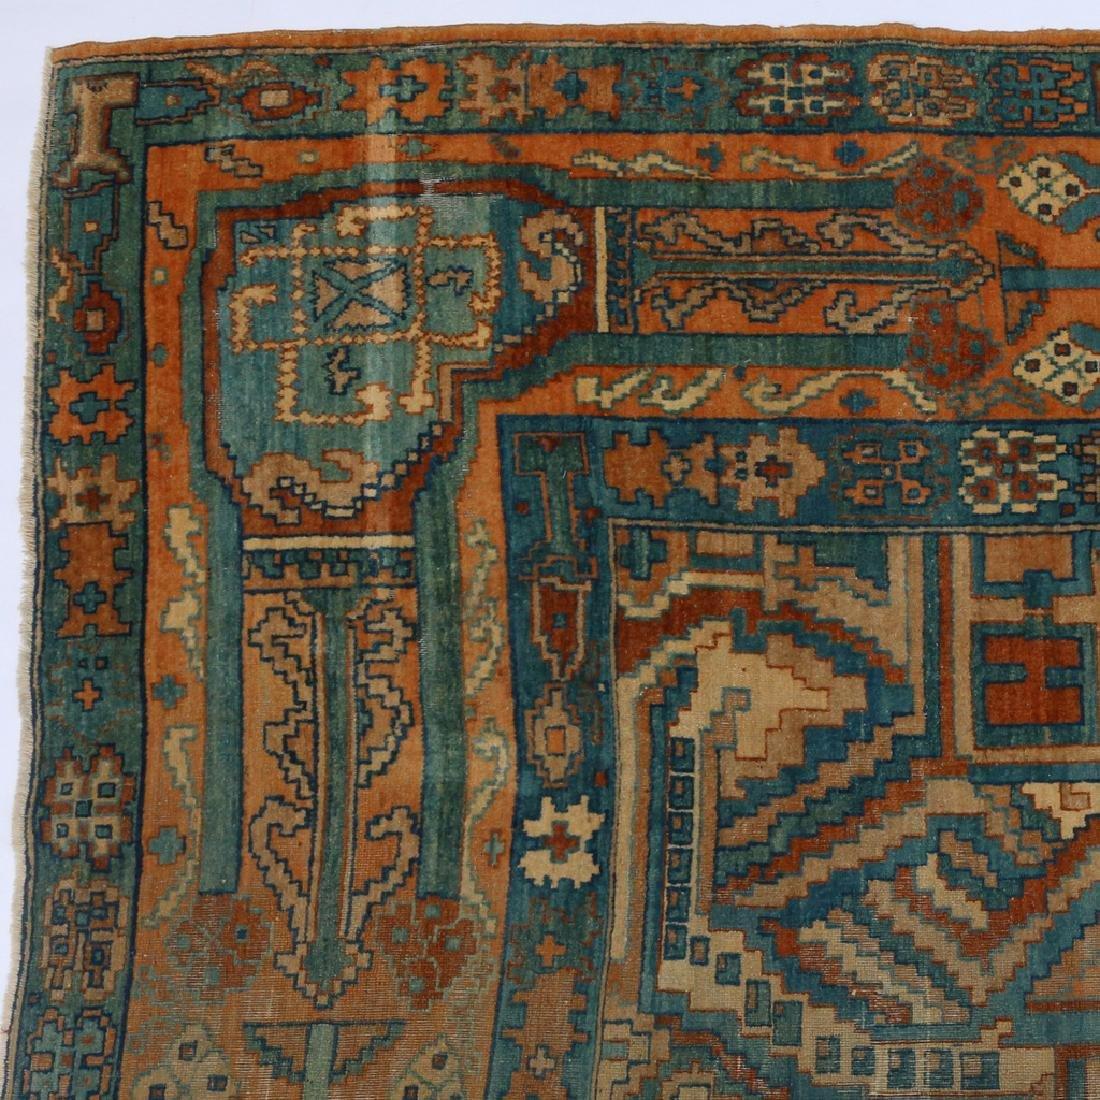 UNUSUAL PERSIAN OR INDIAN GEOMETRIC CARPET - 3